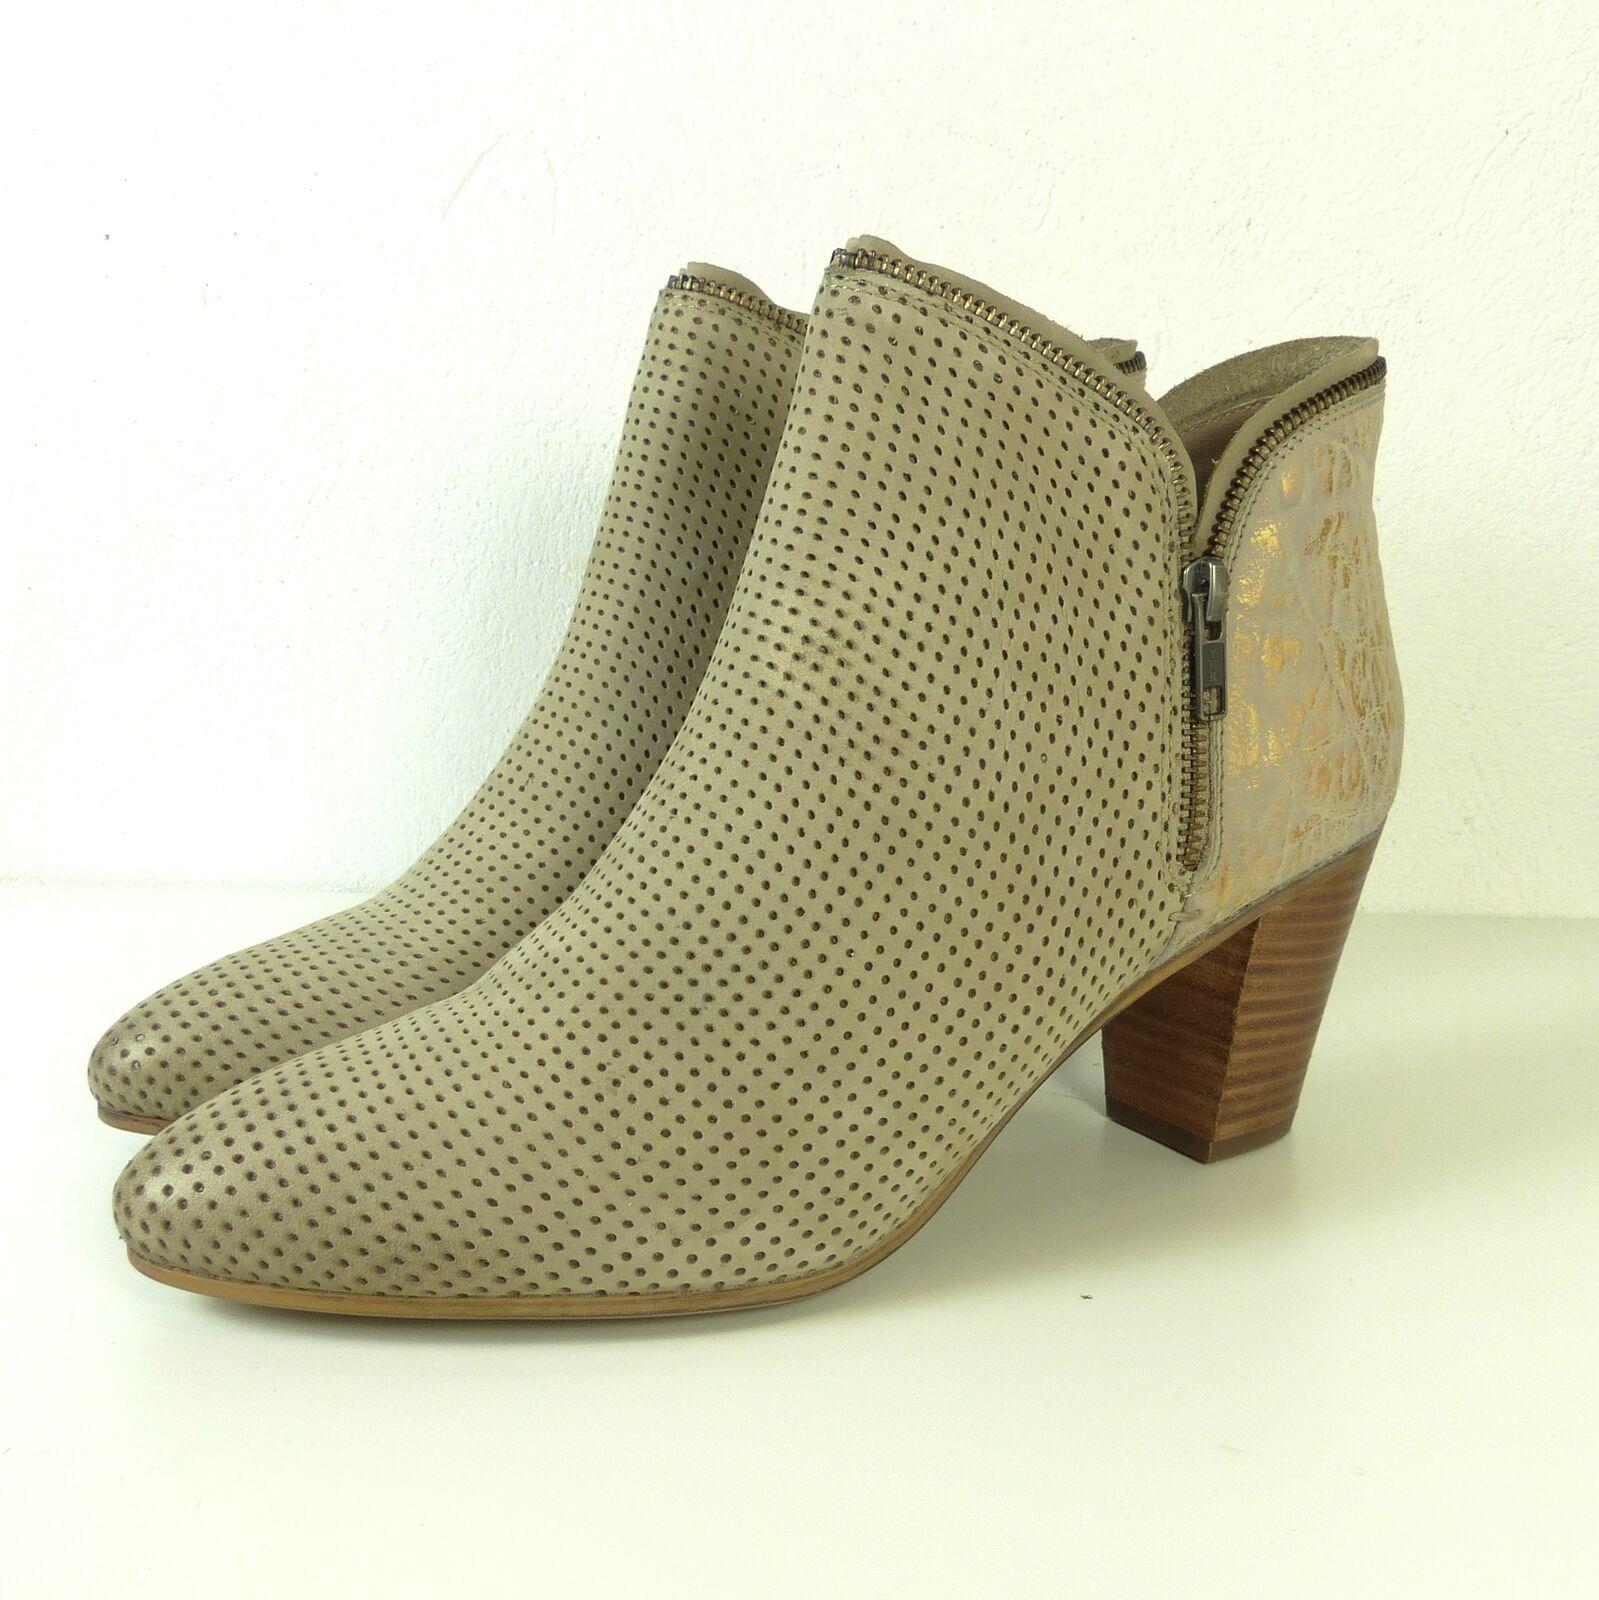 SPM Stiefeletten Ankle Boots Lochmuster Beige Metallic Gr. EUR 42 (DW2)